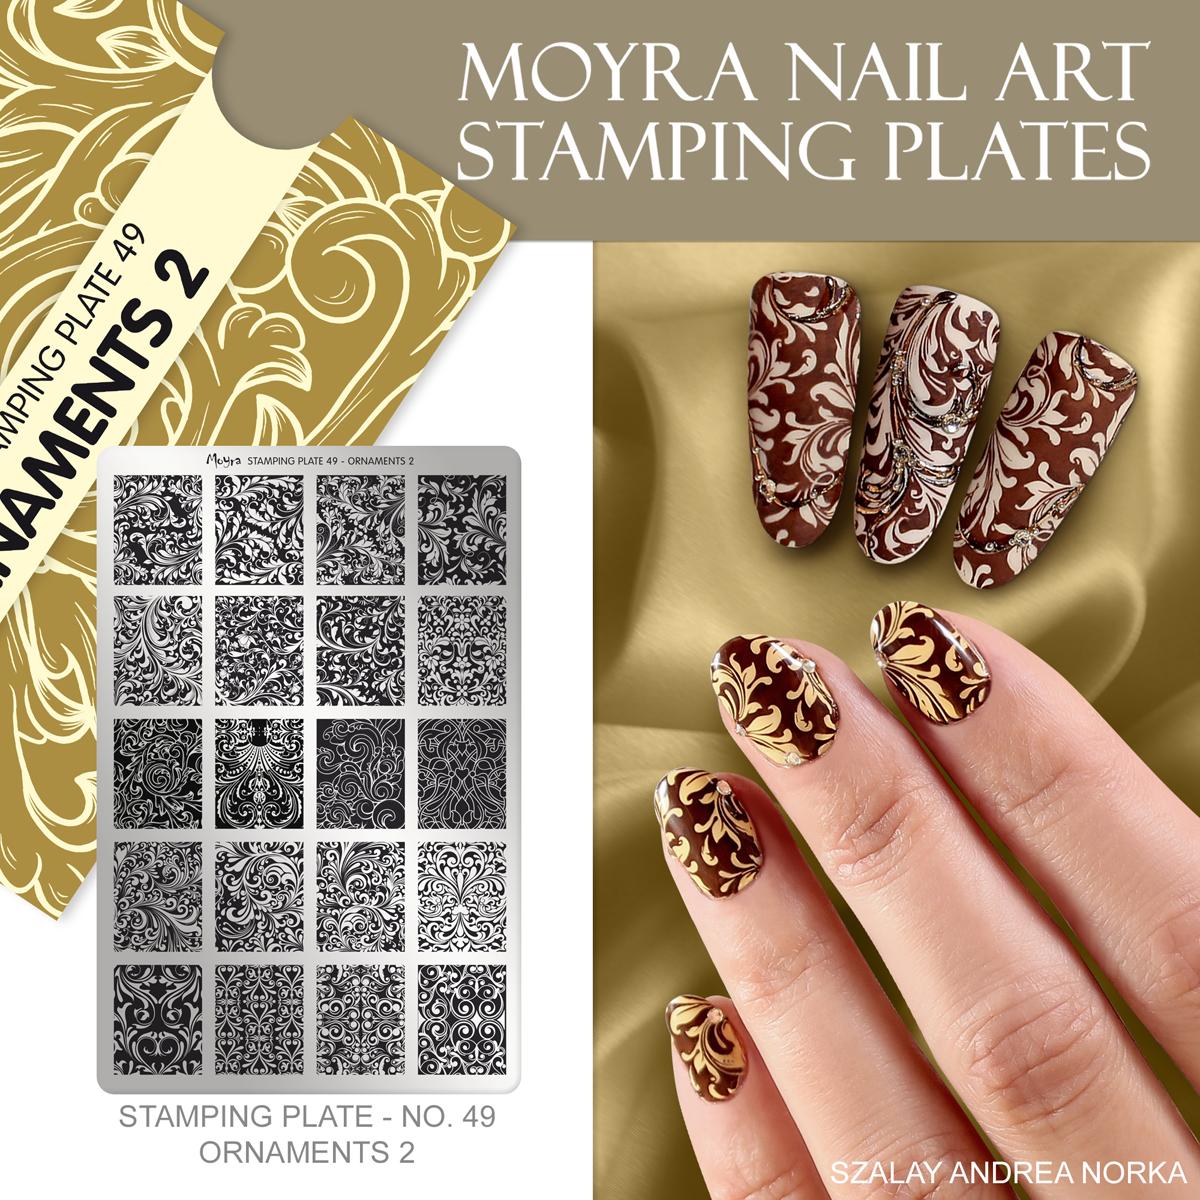 Moyra Nail Art Stamping Plate No. 49 Ornaments 2